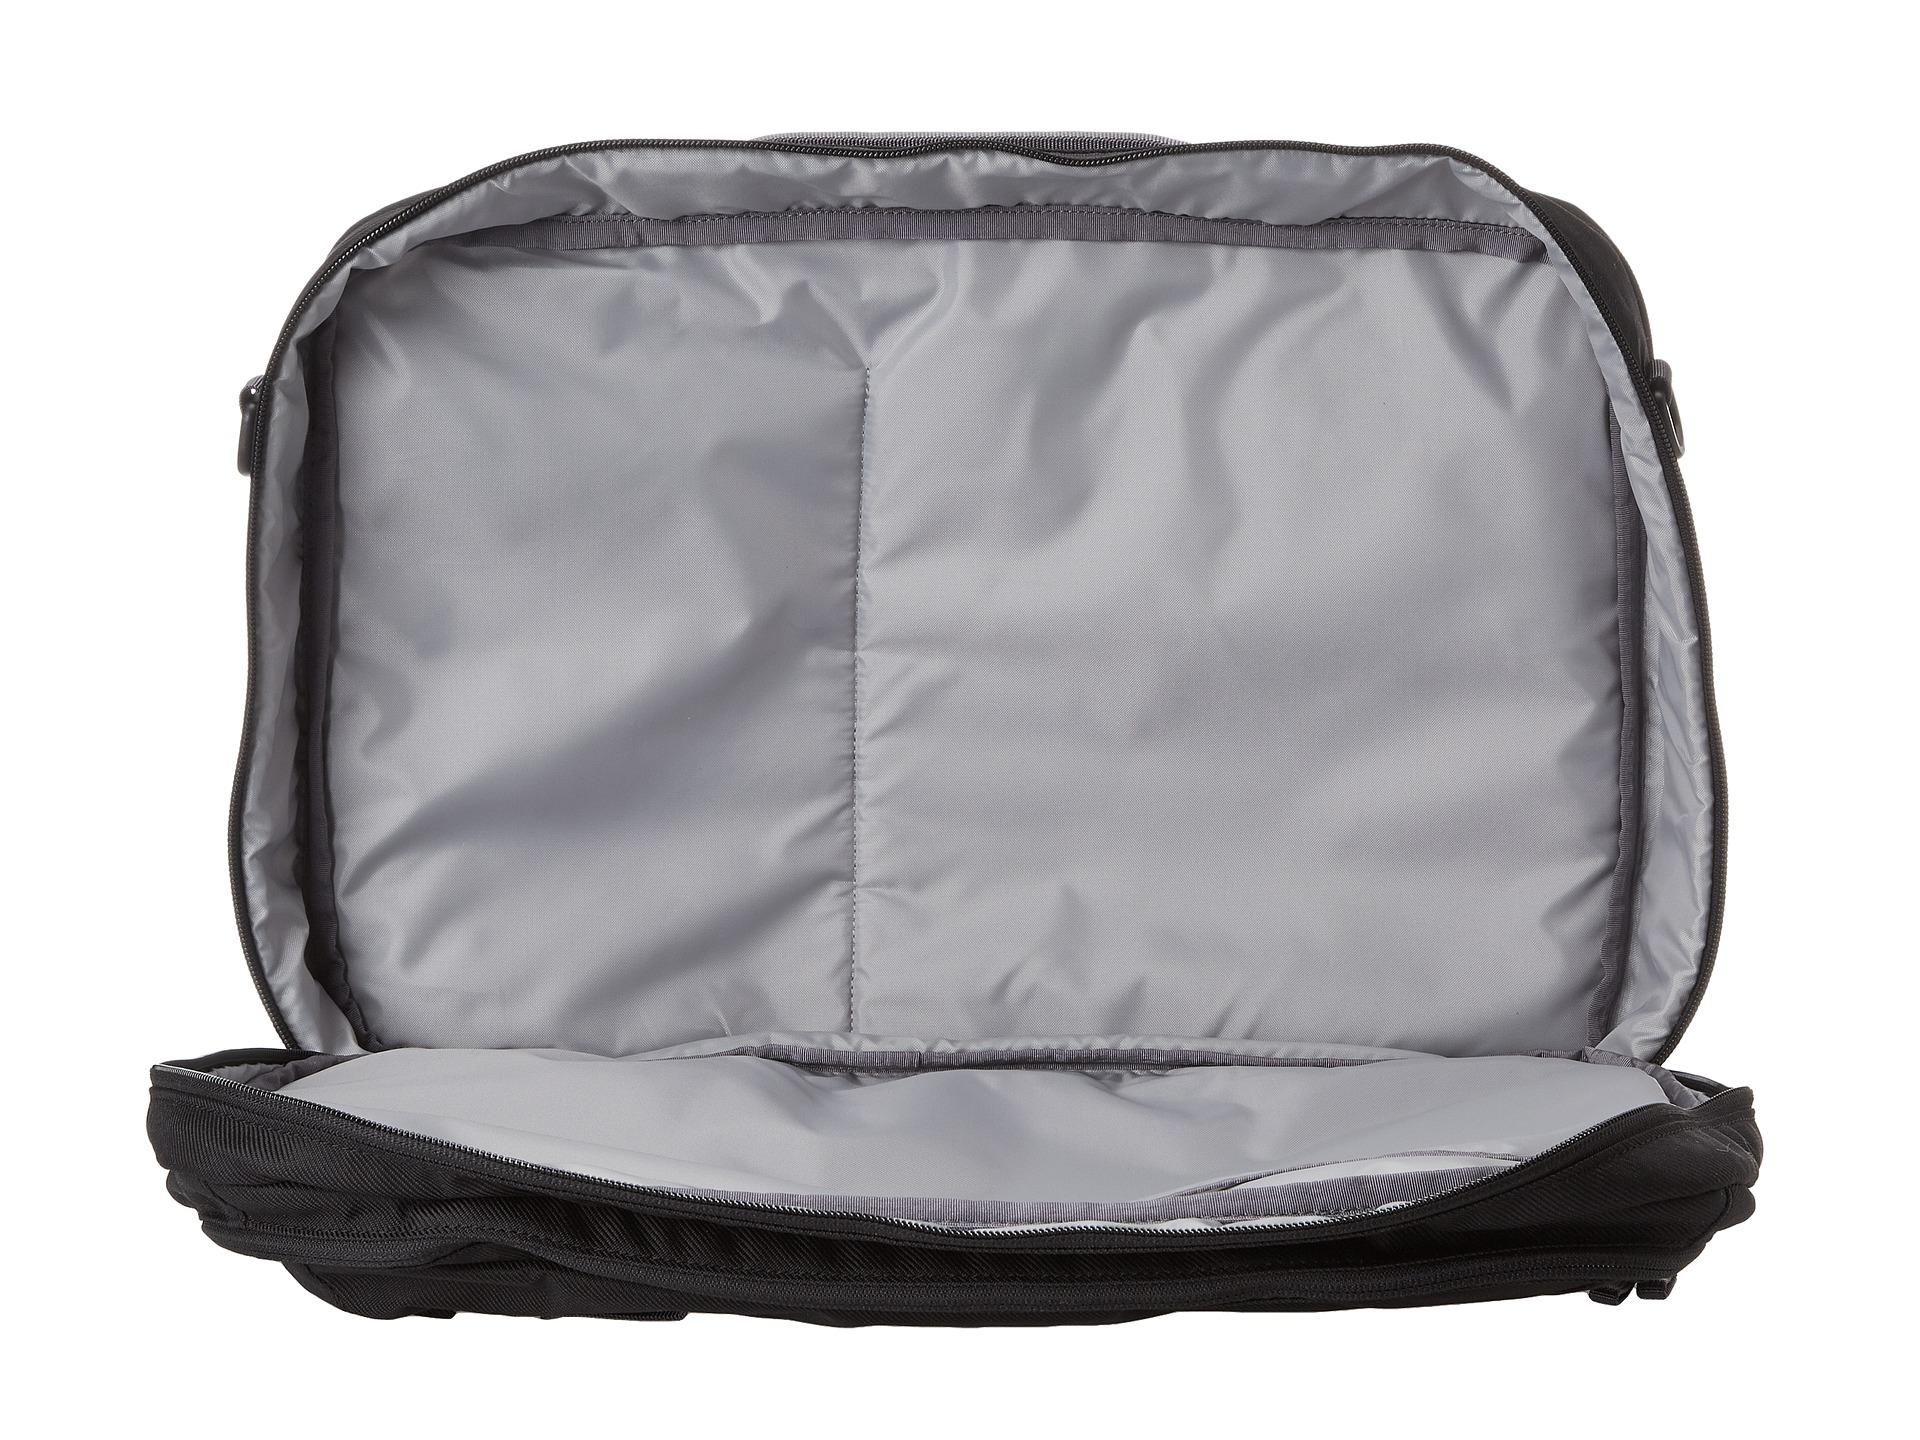 Patagonia Transport Shoulder Bag 26l Review 59